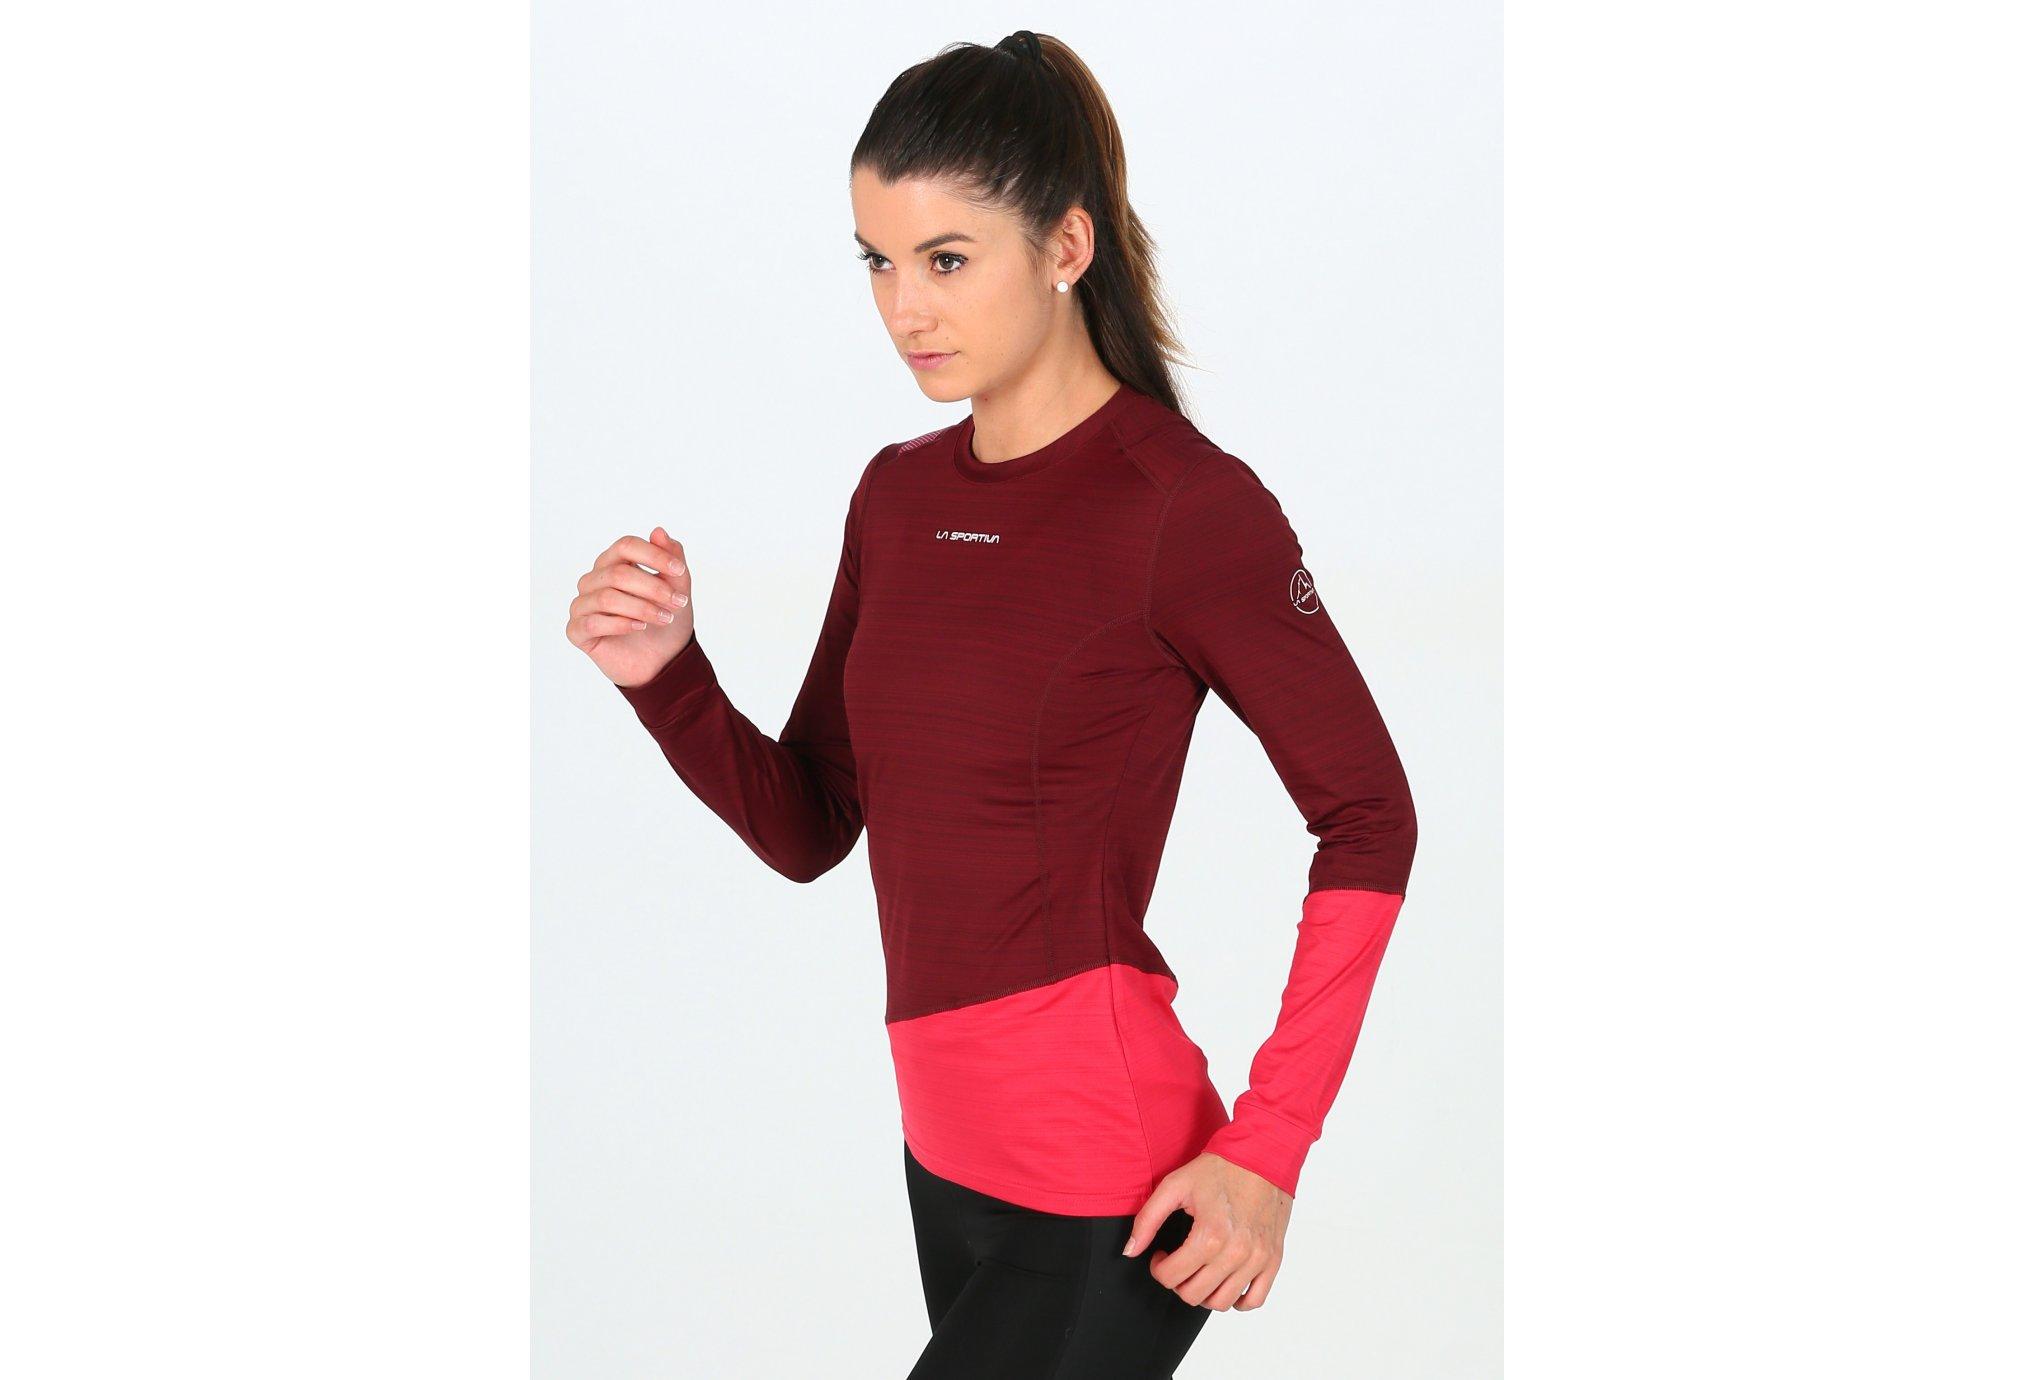 La Sportiva Dash W Diététique Vêtements femme